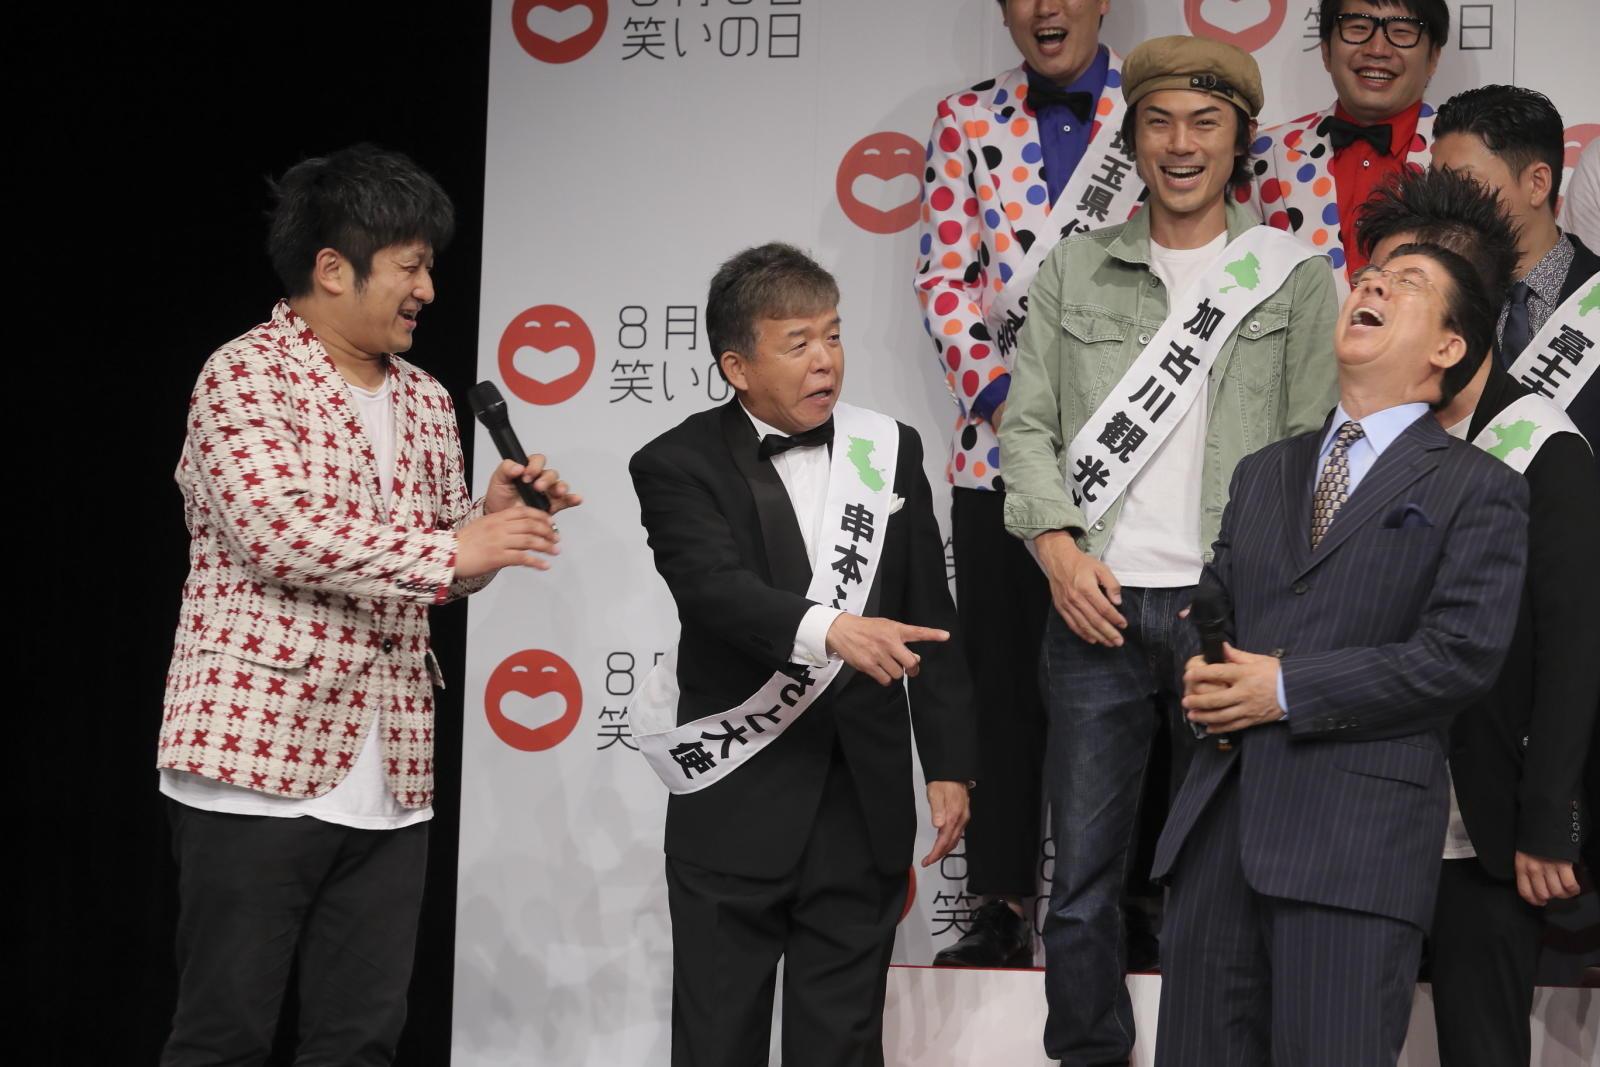 http://news.yoshimoto.co.jp/20170704220910-ea9f9b31afd2d4d1f077602e2438db9e164b67d8.jpg